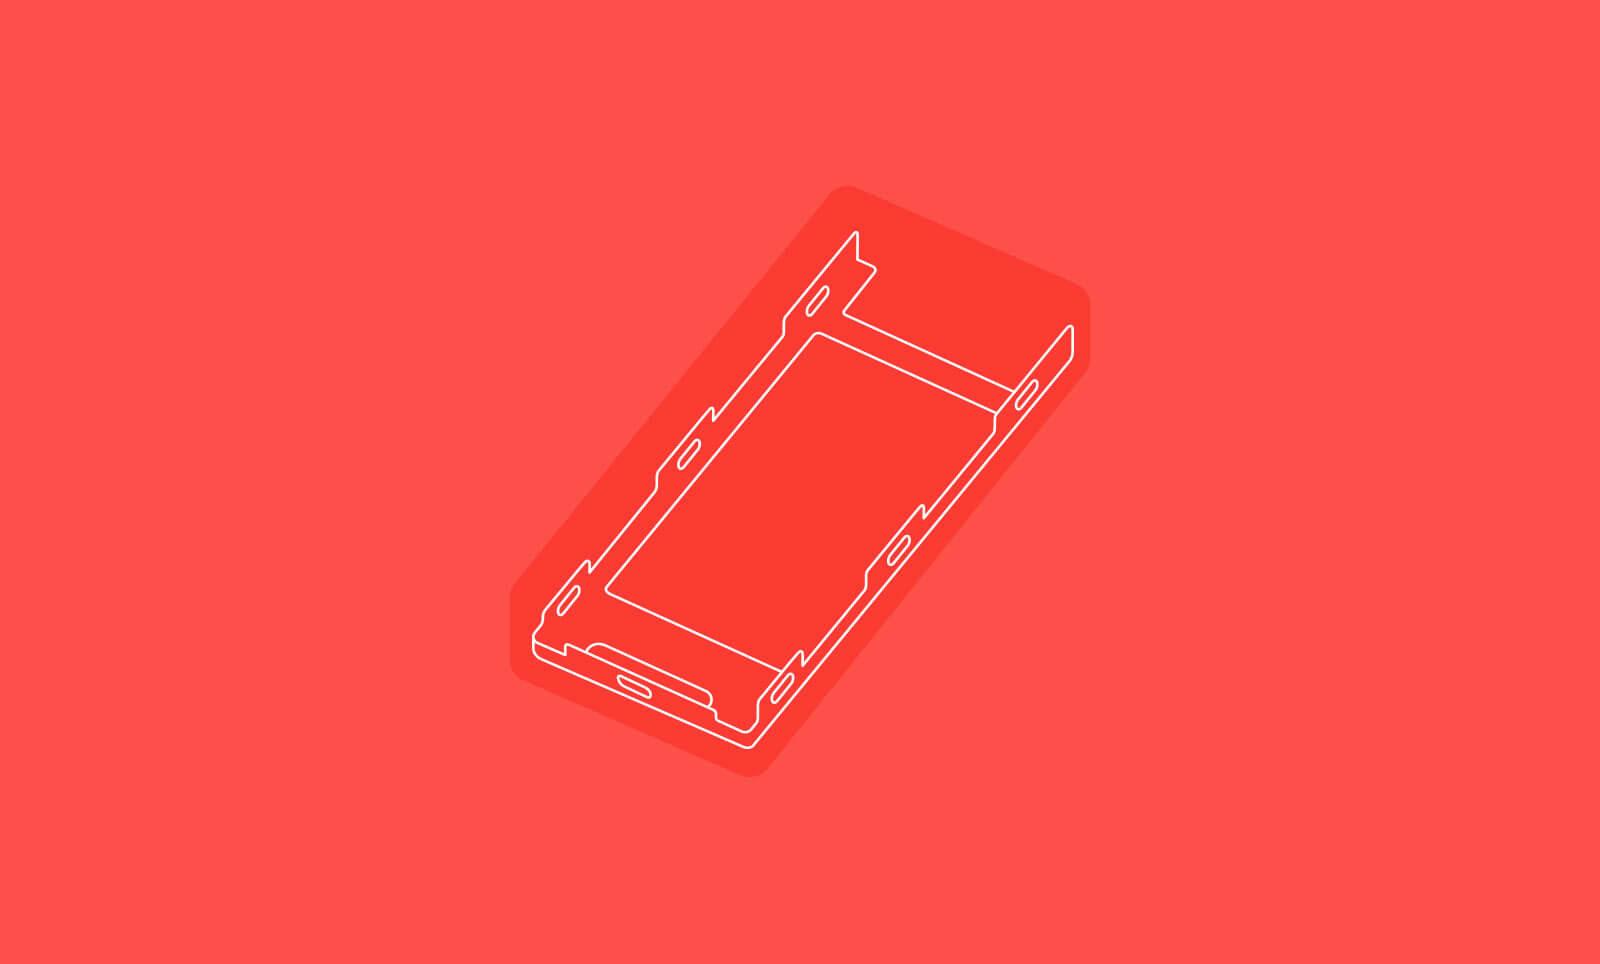 Кому нужен модульный смартфон? Во что превращается Project Ara